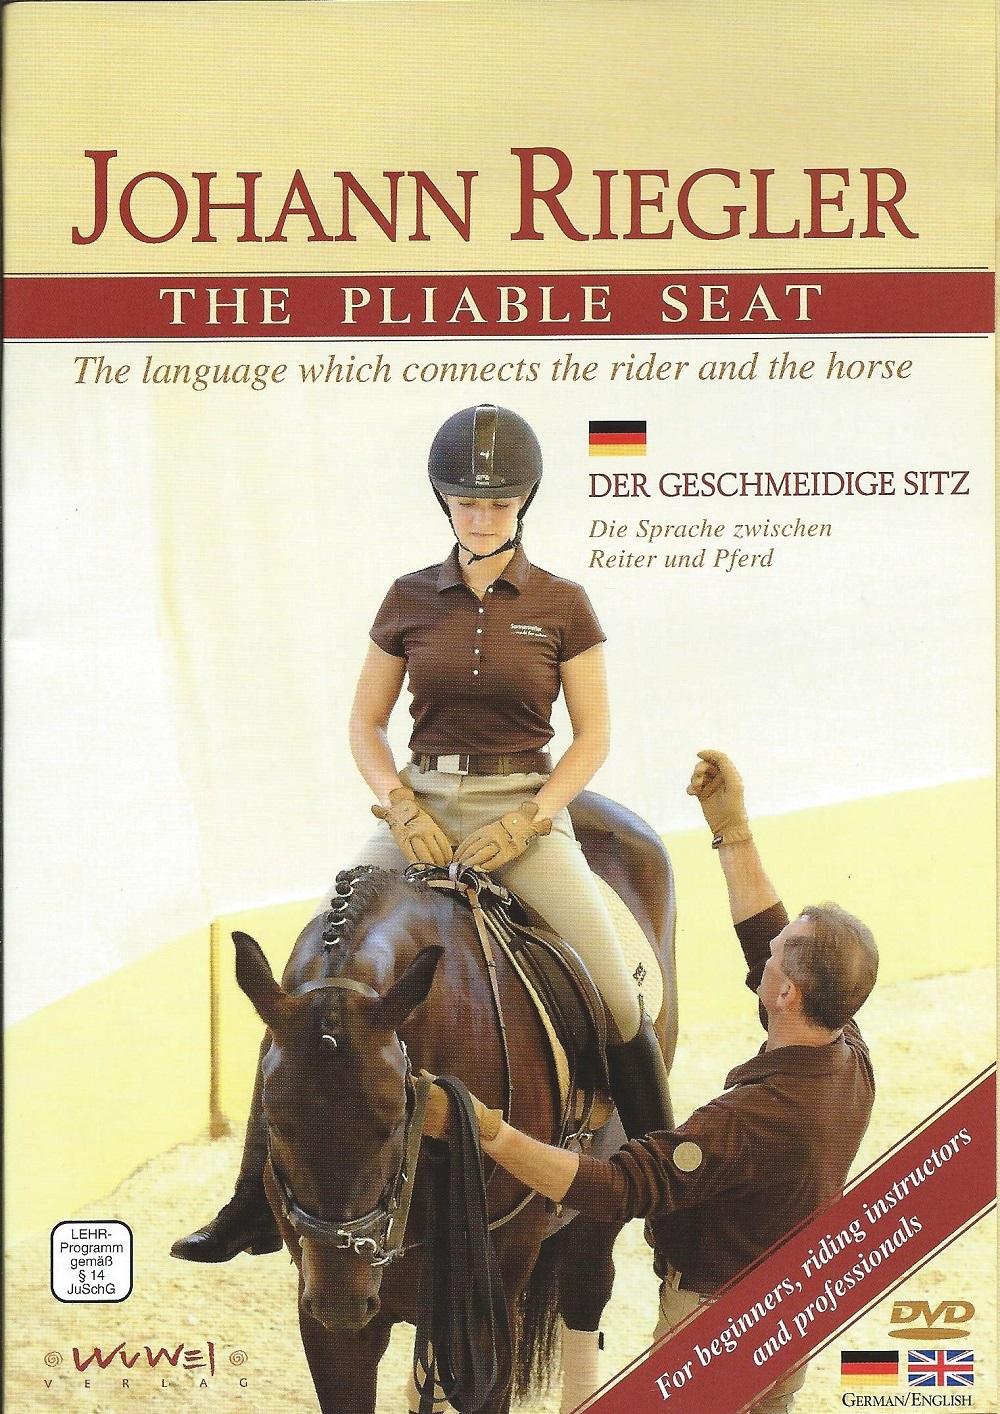 DVD Johann Riegler - Der geschmeidige Sitz